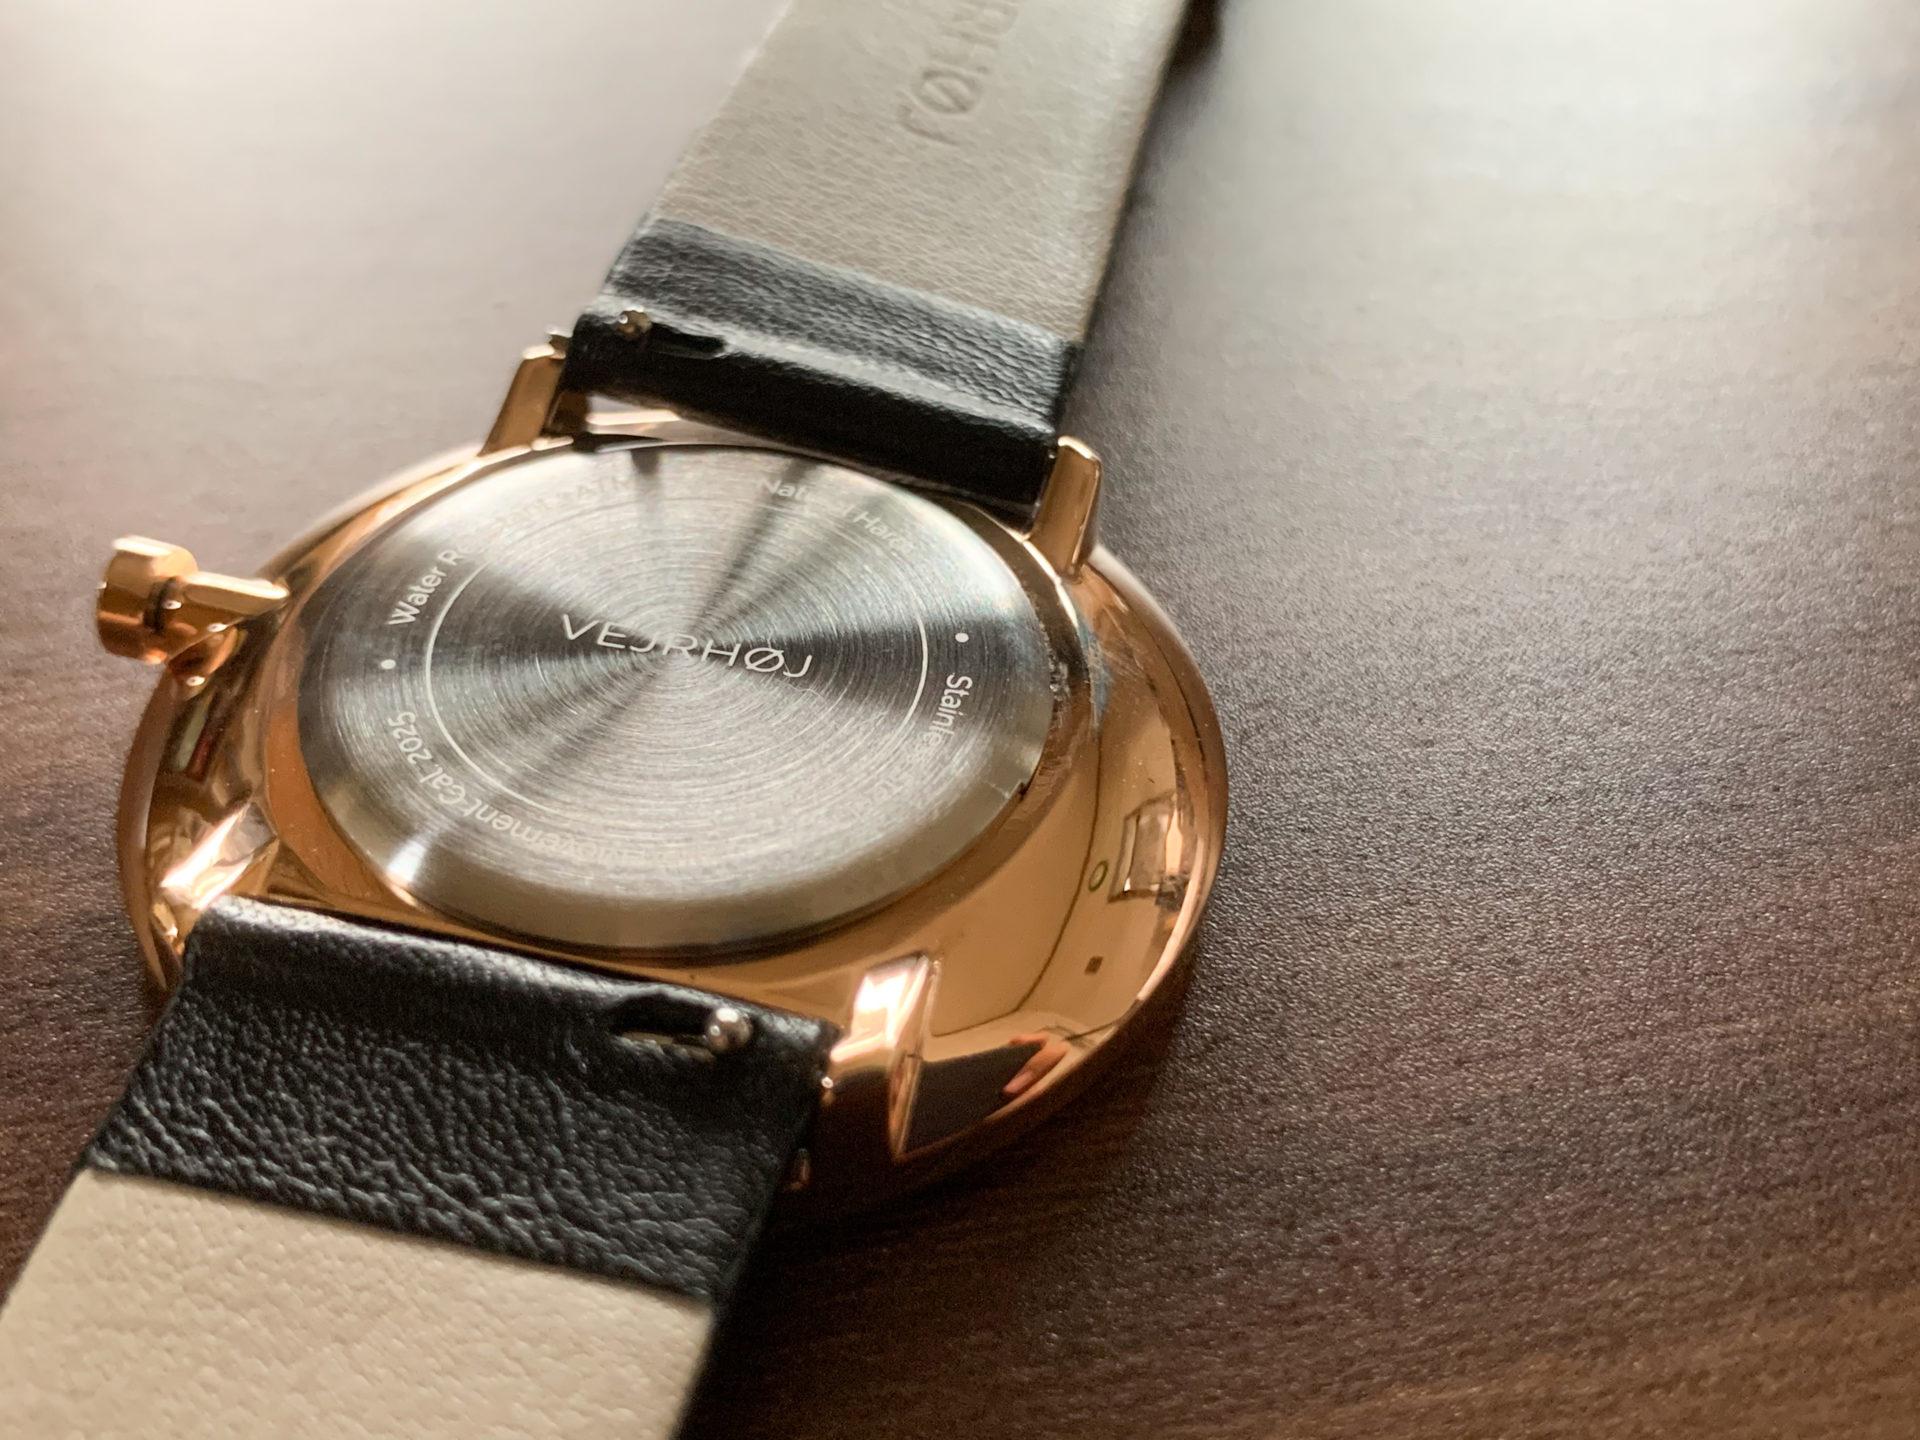 ヴェアホイ,VEJRHQJ,時計,木製時計,ゴールド,美しい時計,北欧,ミニマリズム,ヴェアホイレビュー,ジンプルな時計,おすすめの時計,北欧的クールさ